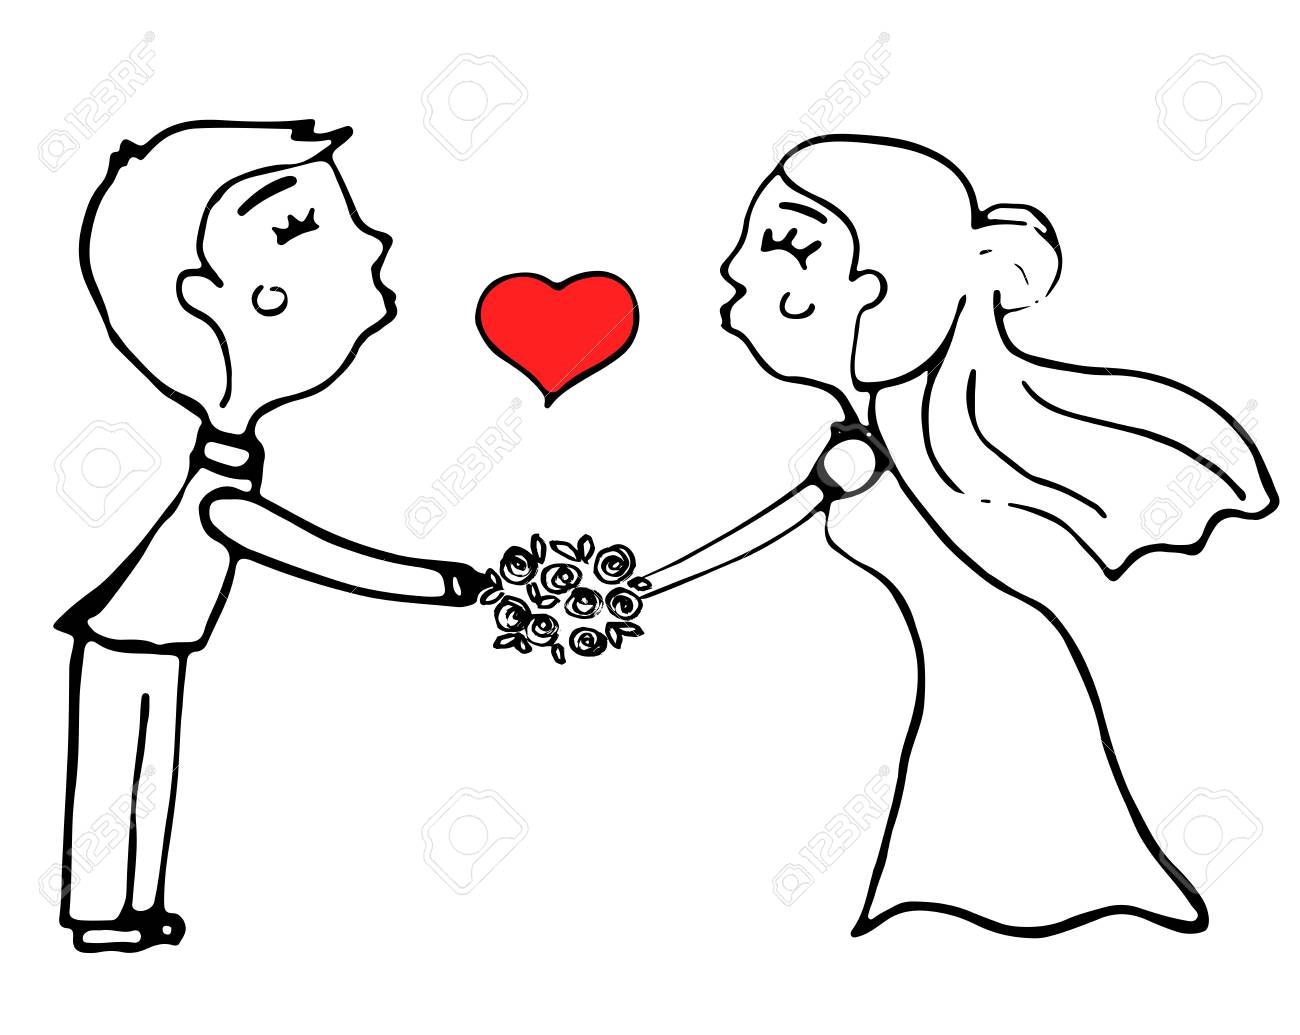 結婚式のカップル イラスト漫画のイラスト素材ベクタ Image 84631952